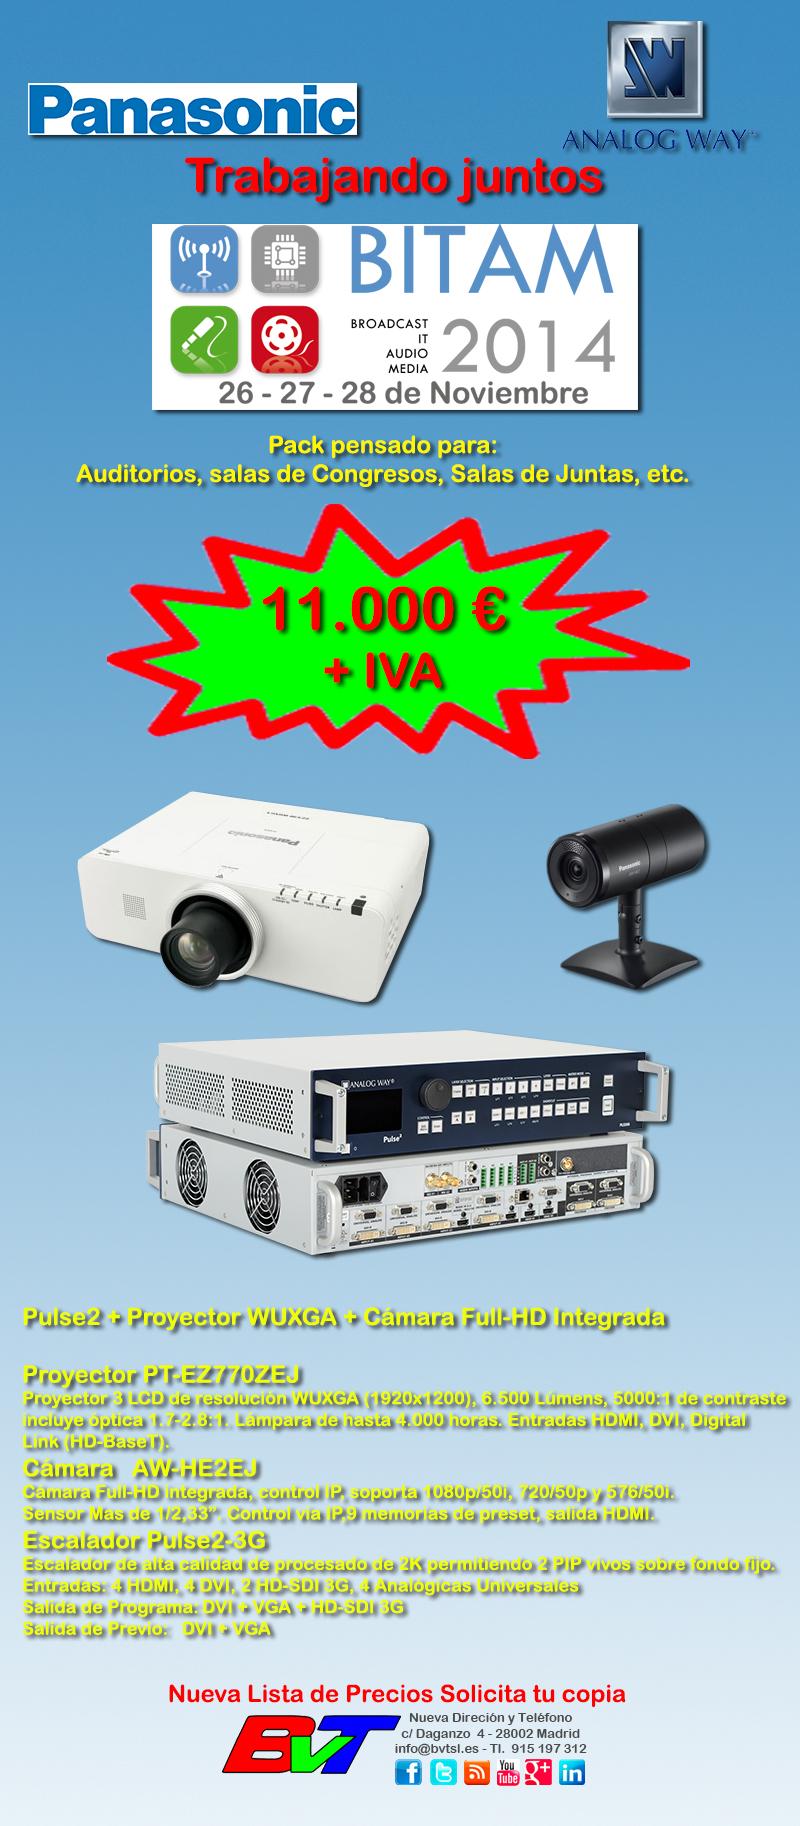 Analog Way y Panasonic Oferta Especial en BITAM